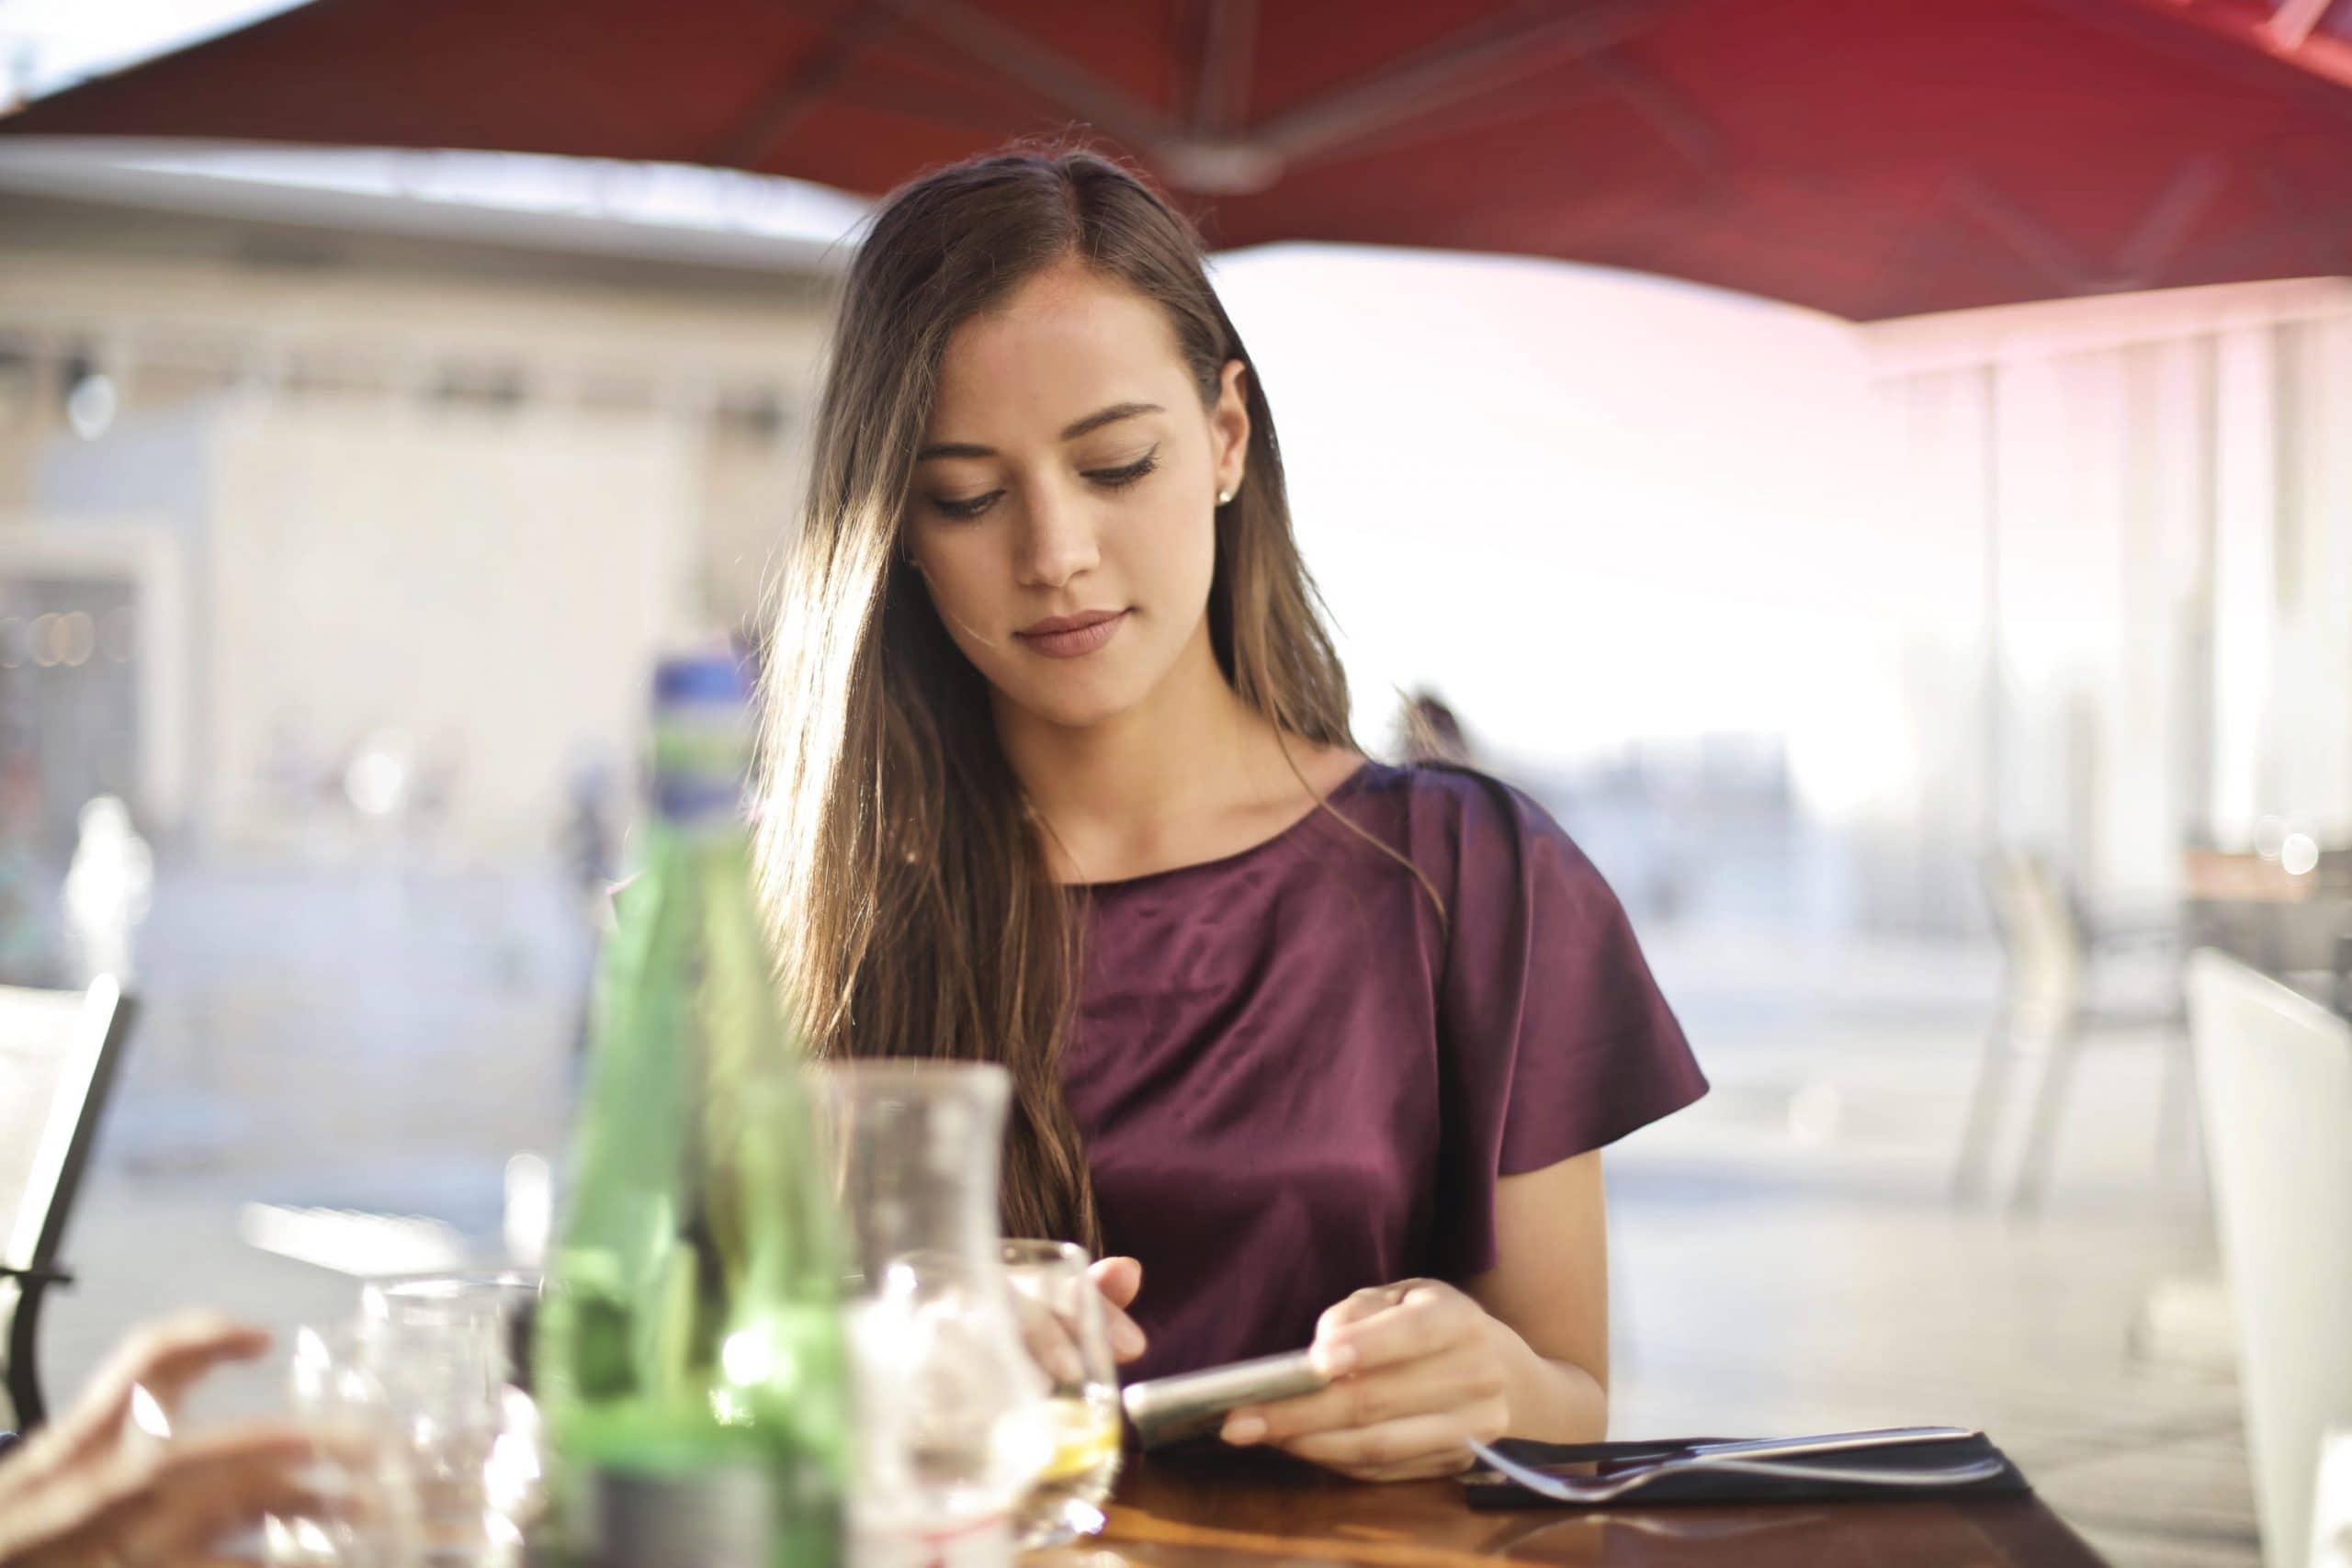 Mitarbeiter werben Mitarbeiter Prämie: Diese 7 Tipps bringen mehr